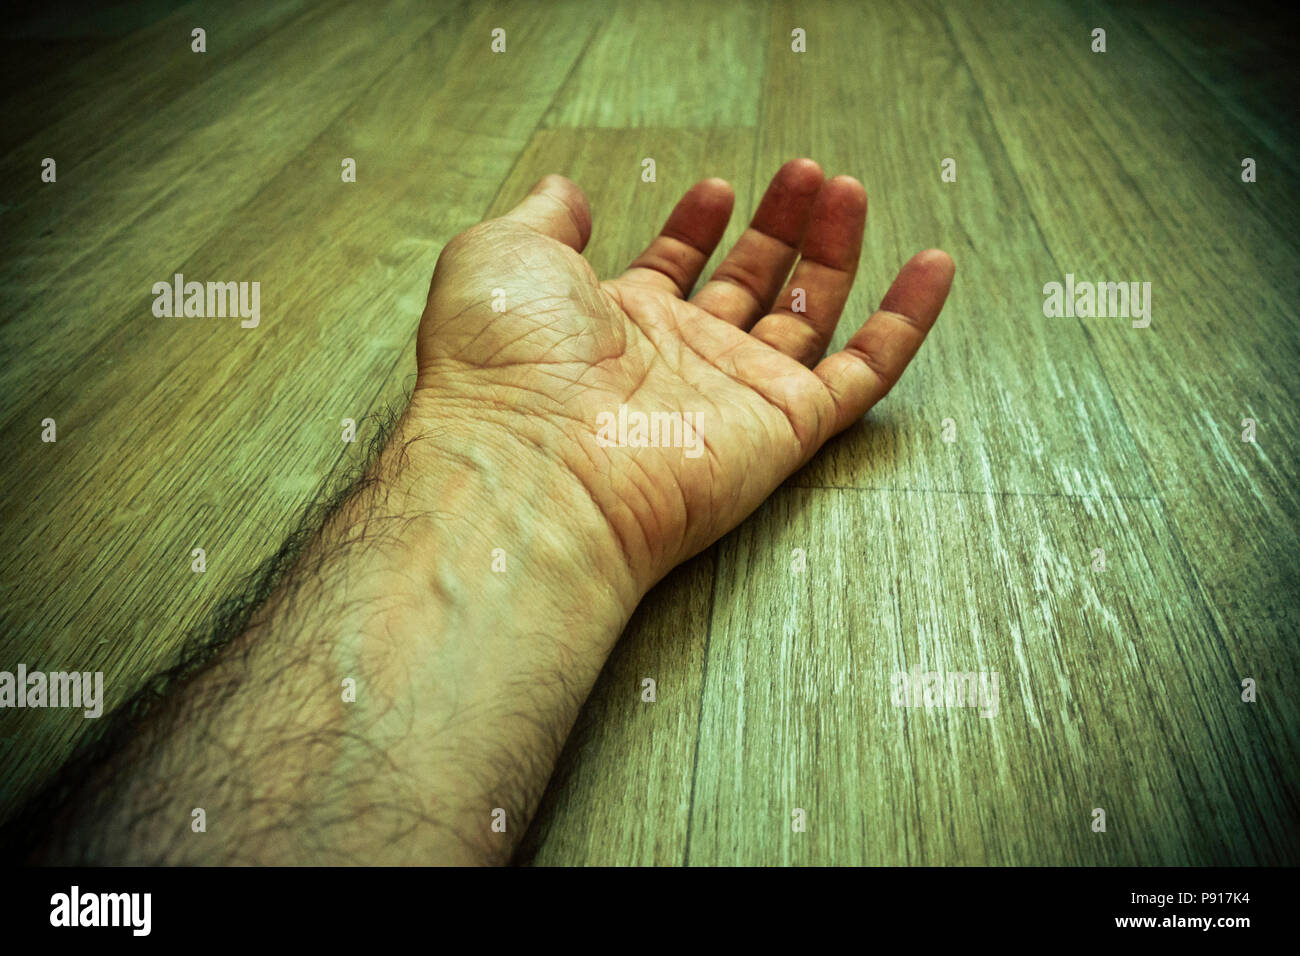 Maschio di mano e il braccio disteso sul pavimento, morto Immagini Stock